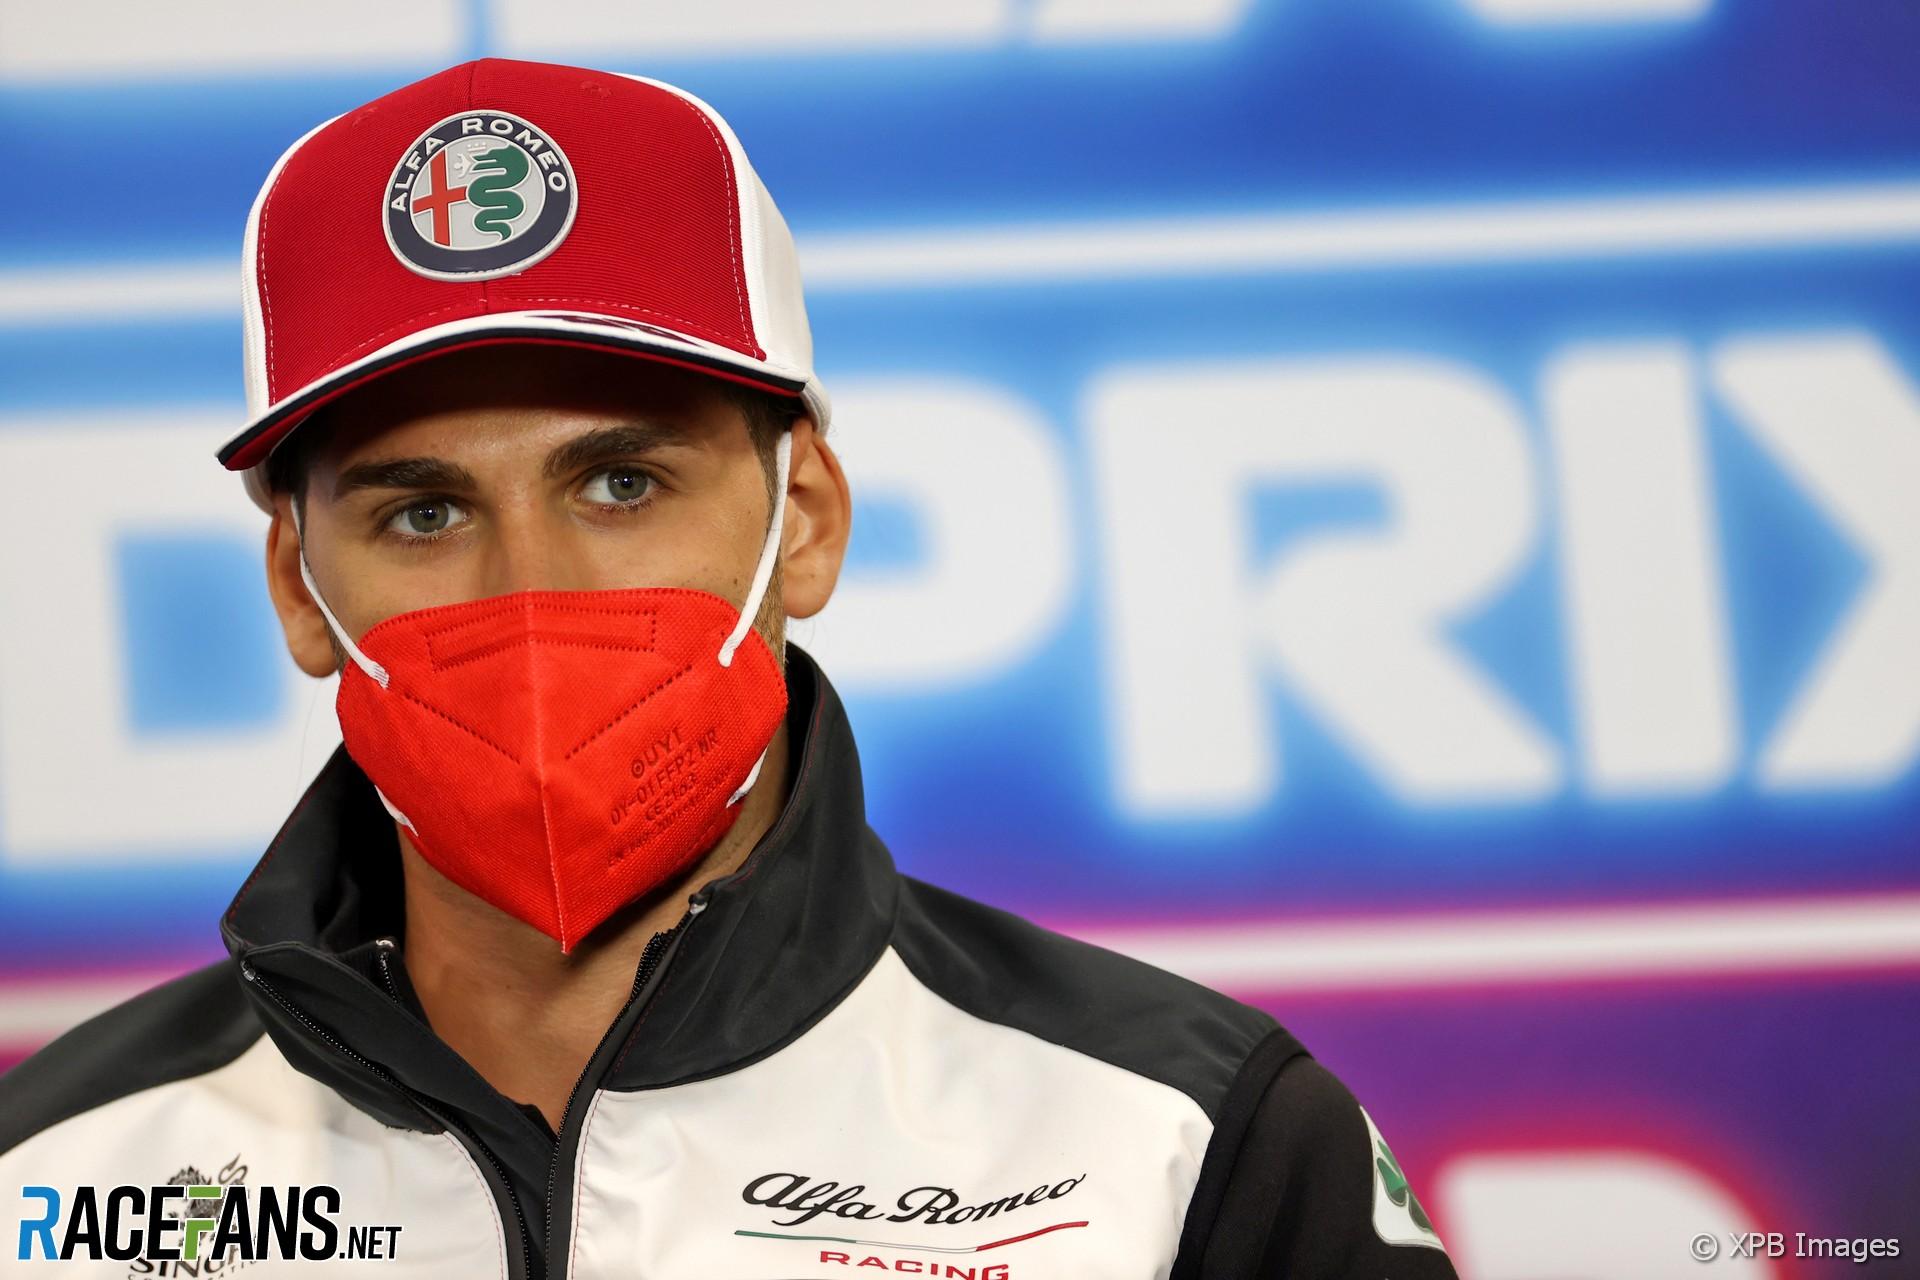 Antonio Giovinazzi, Alfa Romeo, Spa-Francorchamps, 2021